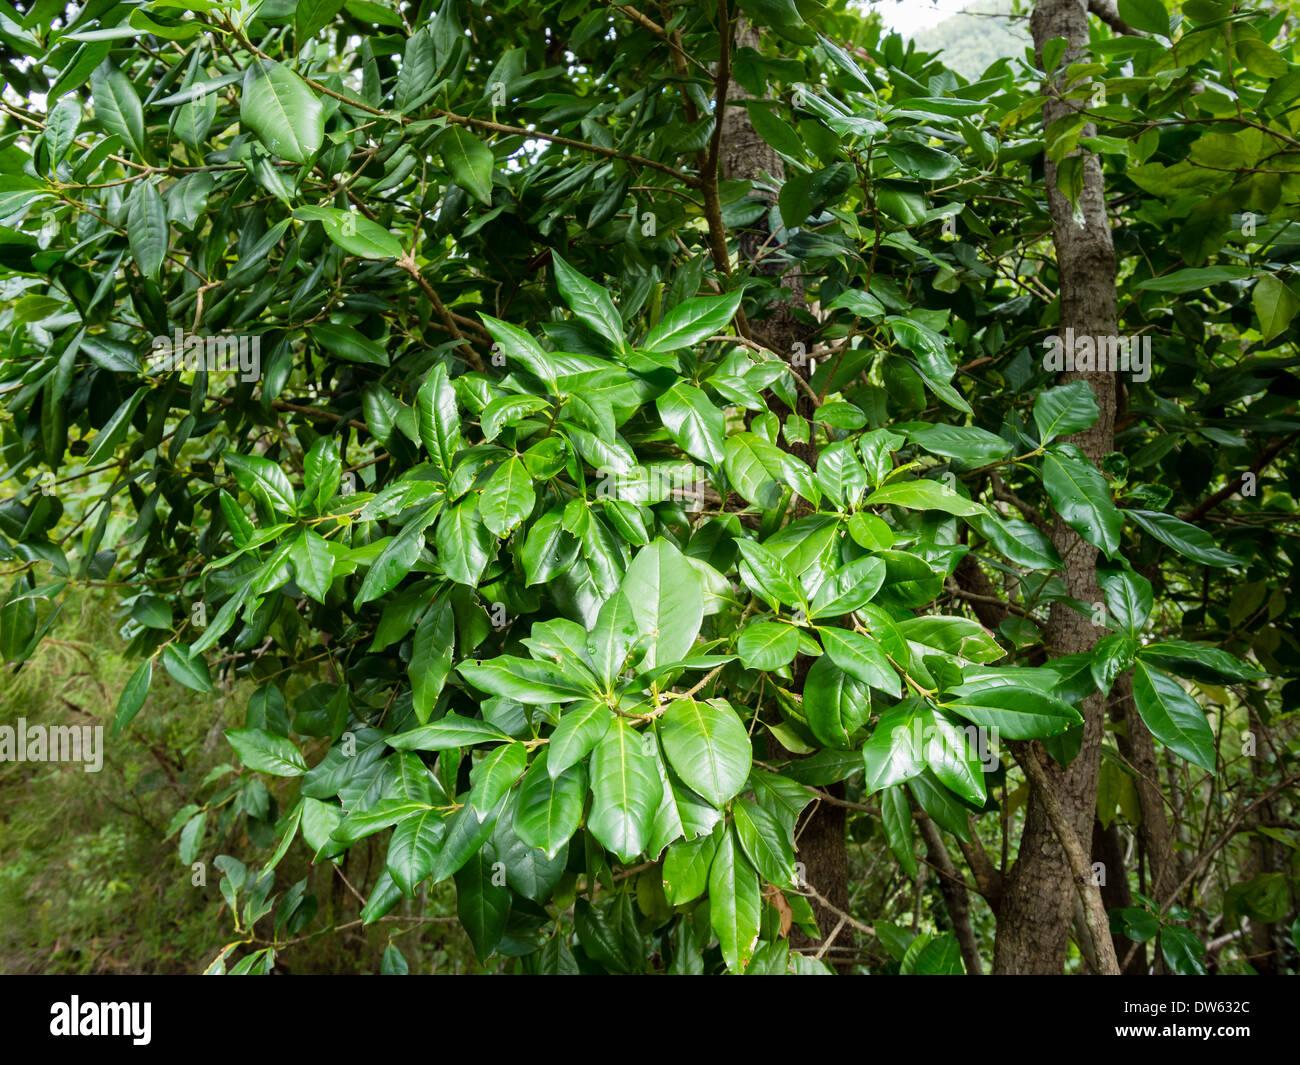 Lorbeerblätter wachsen in den Laurel Wald Los Tiles / Los Tilos auf der Kanareninsel La Palma. Stockfoto